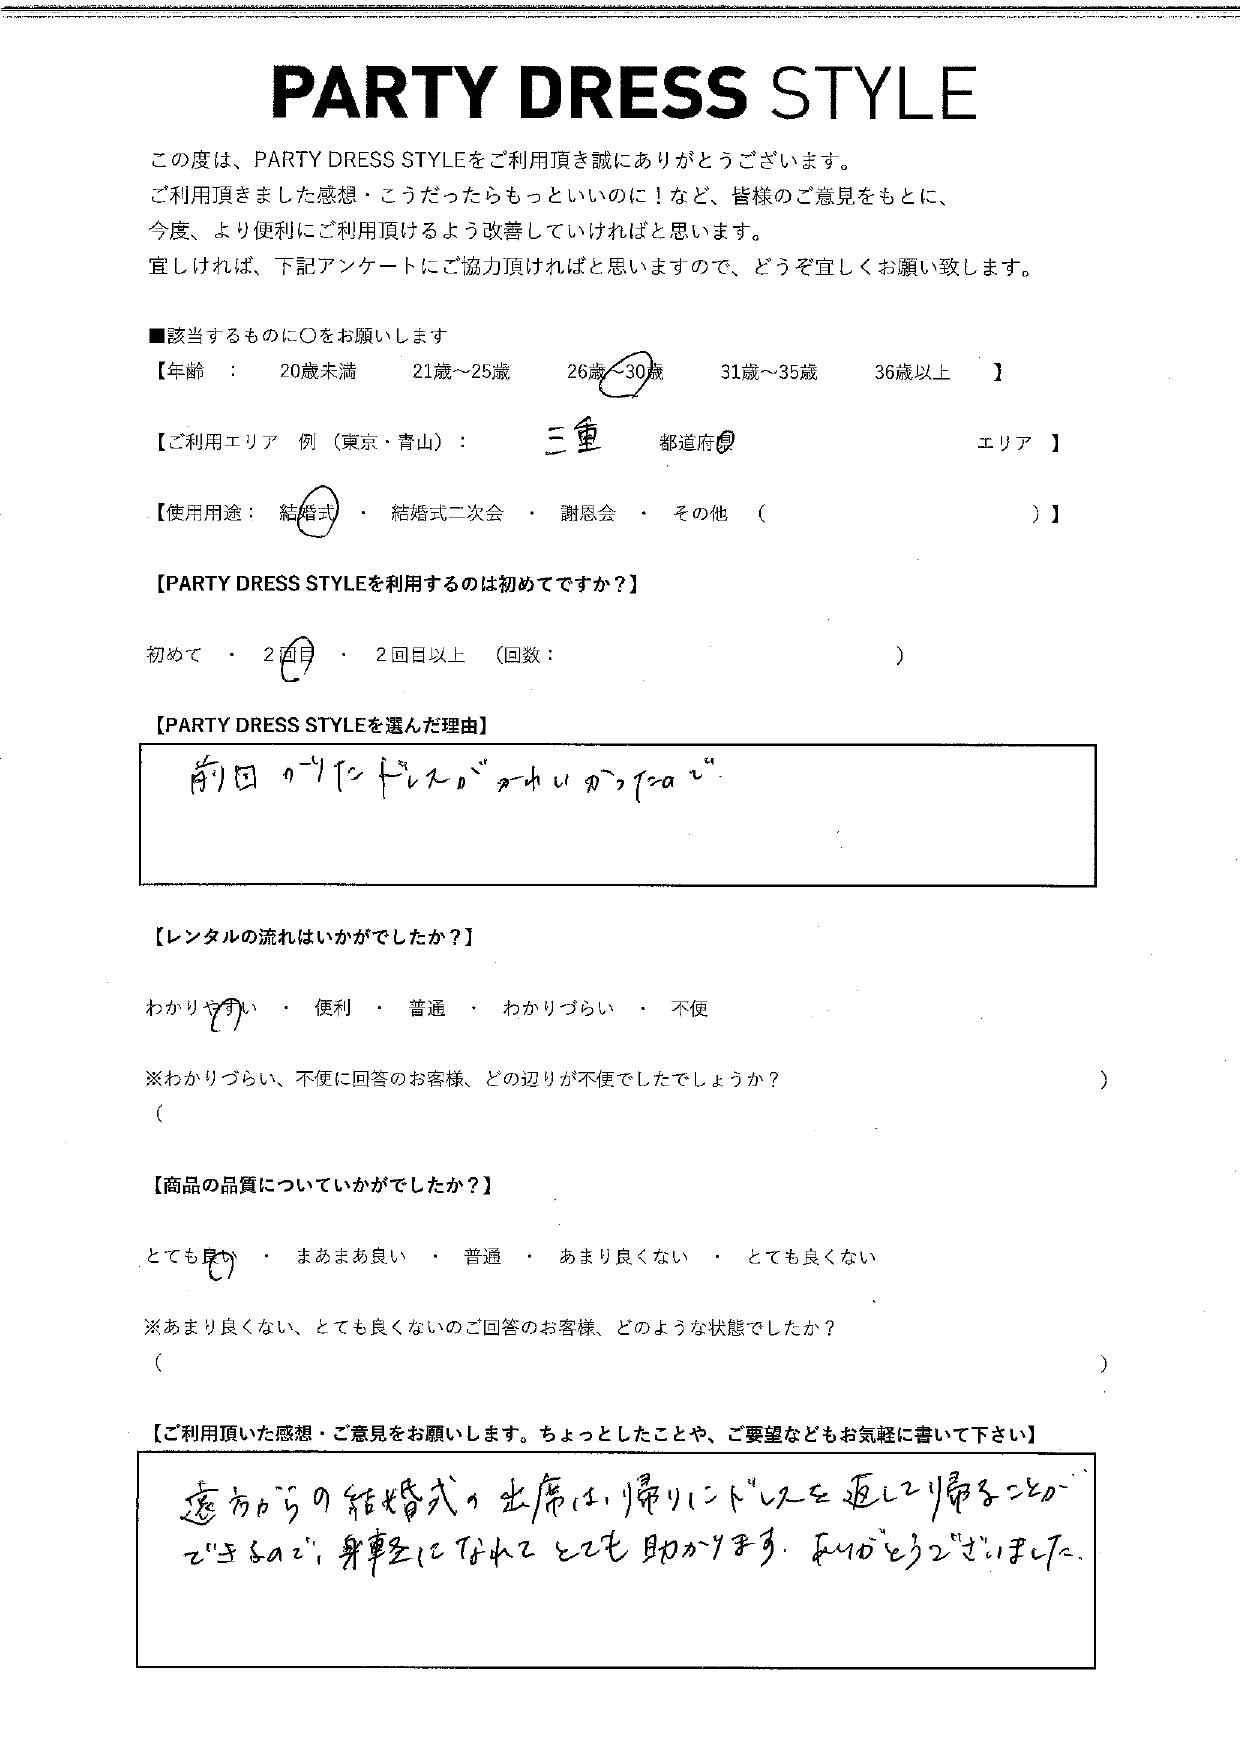 9/26結婚式ご利用 三重エリア